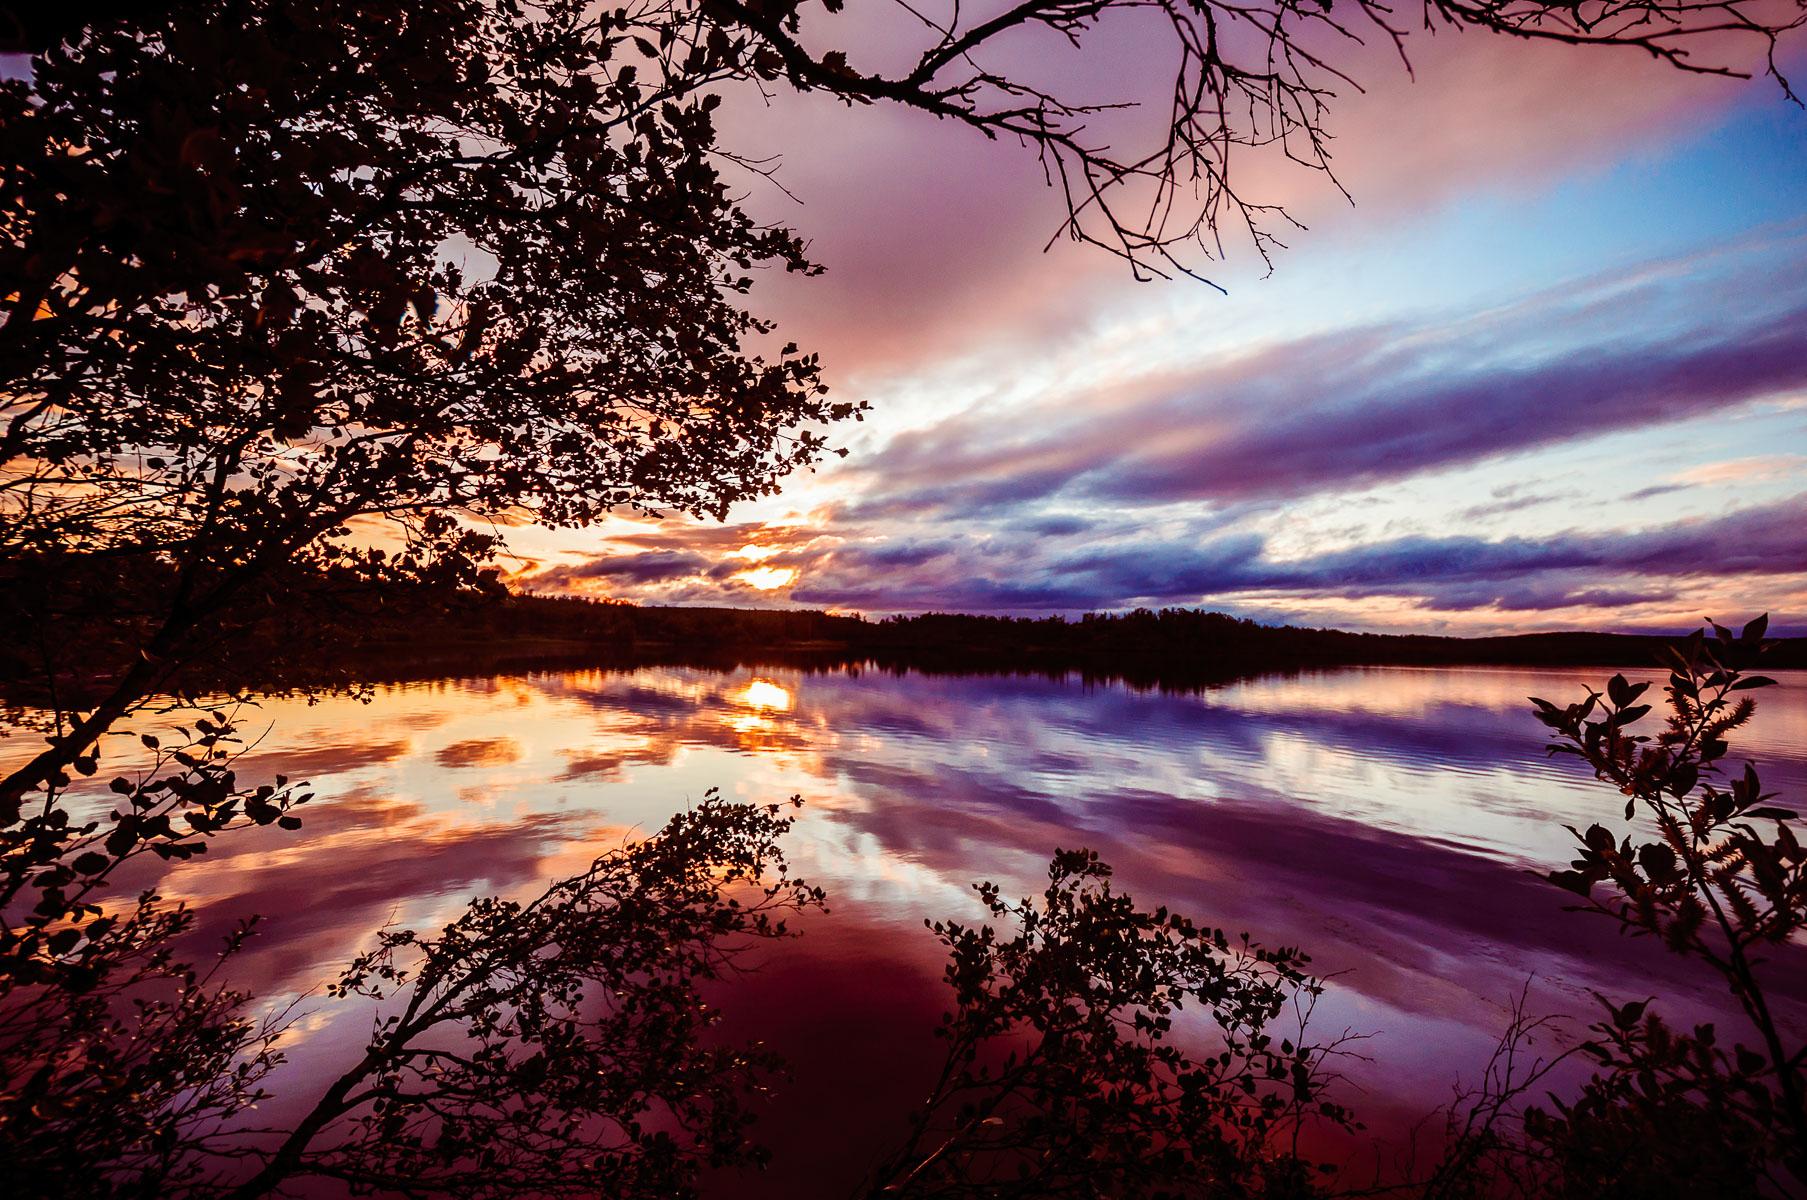 Midnight sun in Finnmark